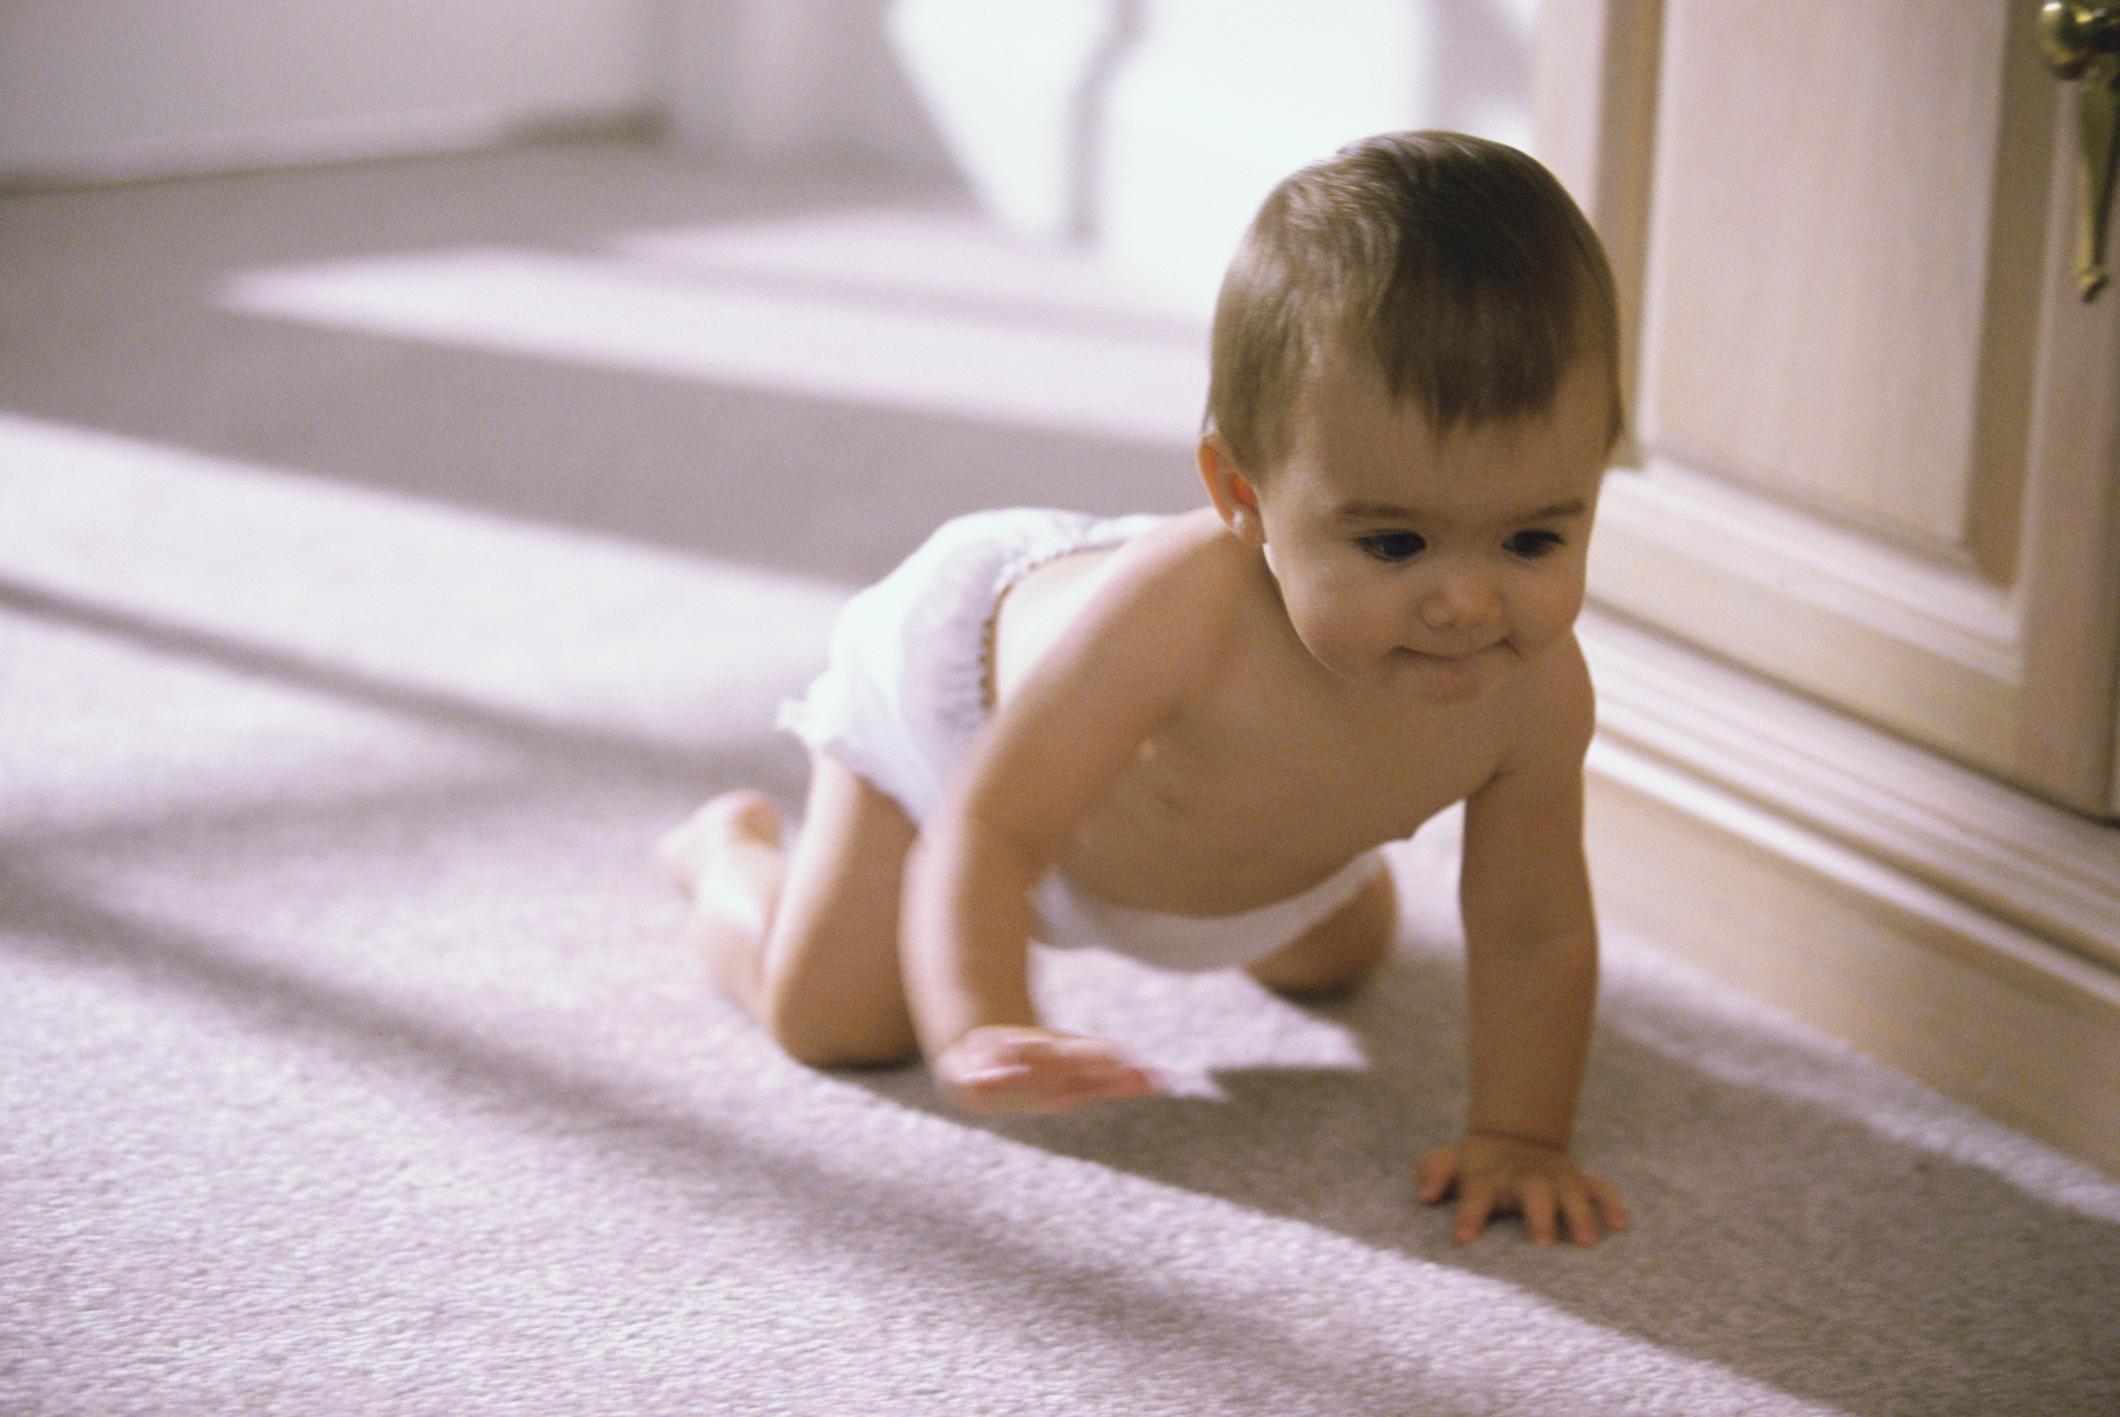 Major Diaper Rash & Pooping Often